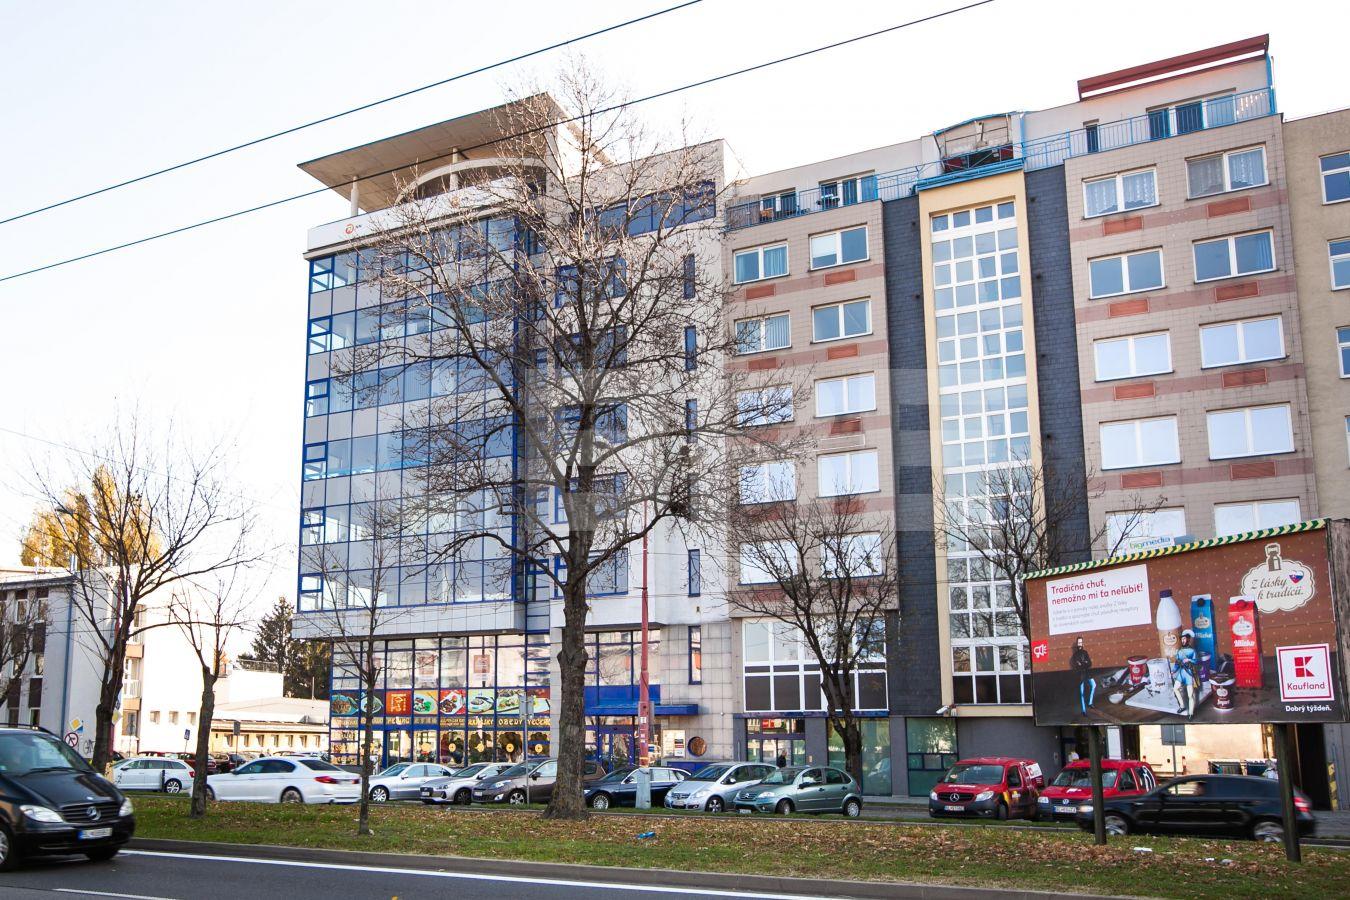 Trnavská cesta Business Center, Bratislava - Nové Mesto | Offices for rent by CBRE | 2